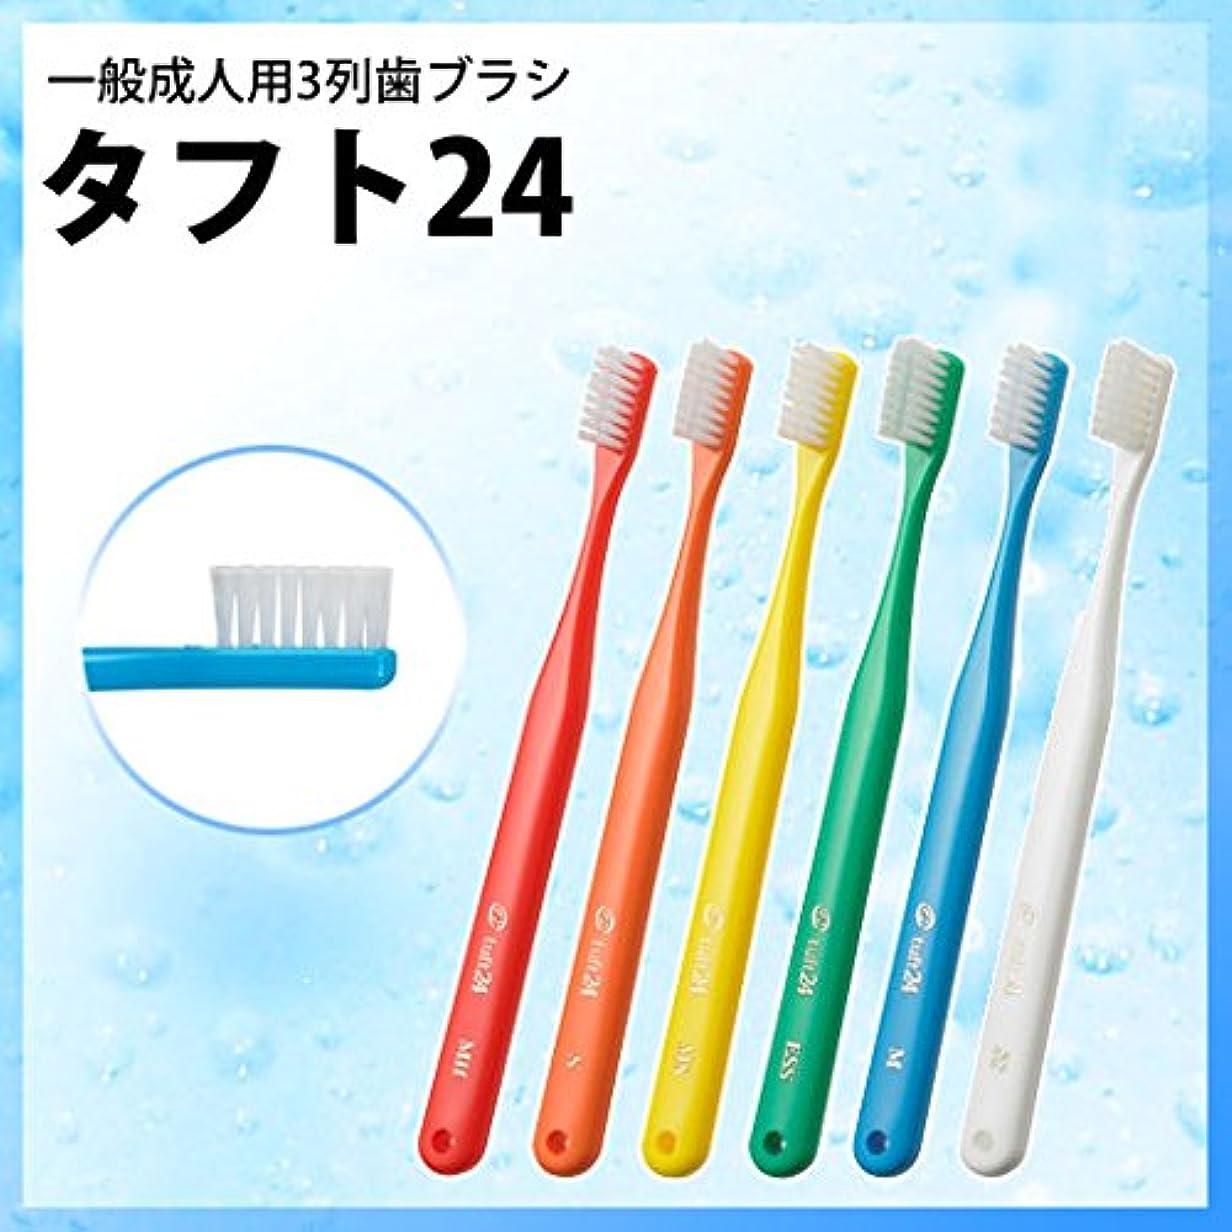 リングアカデミー韻タフト24 歯ブラシ 5本セット SS キャップなし (ブルー)